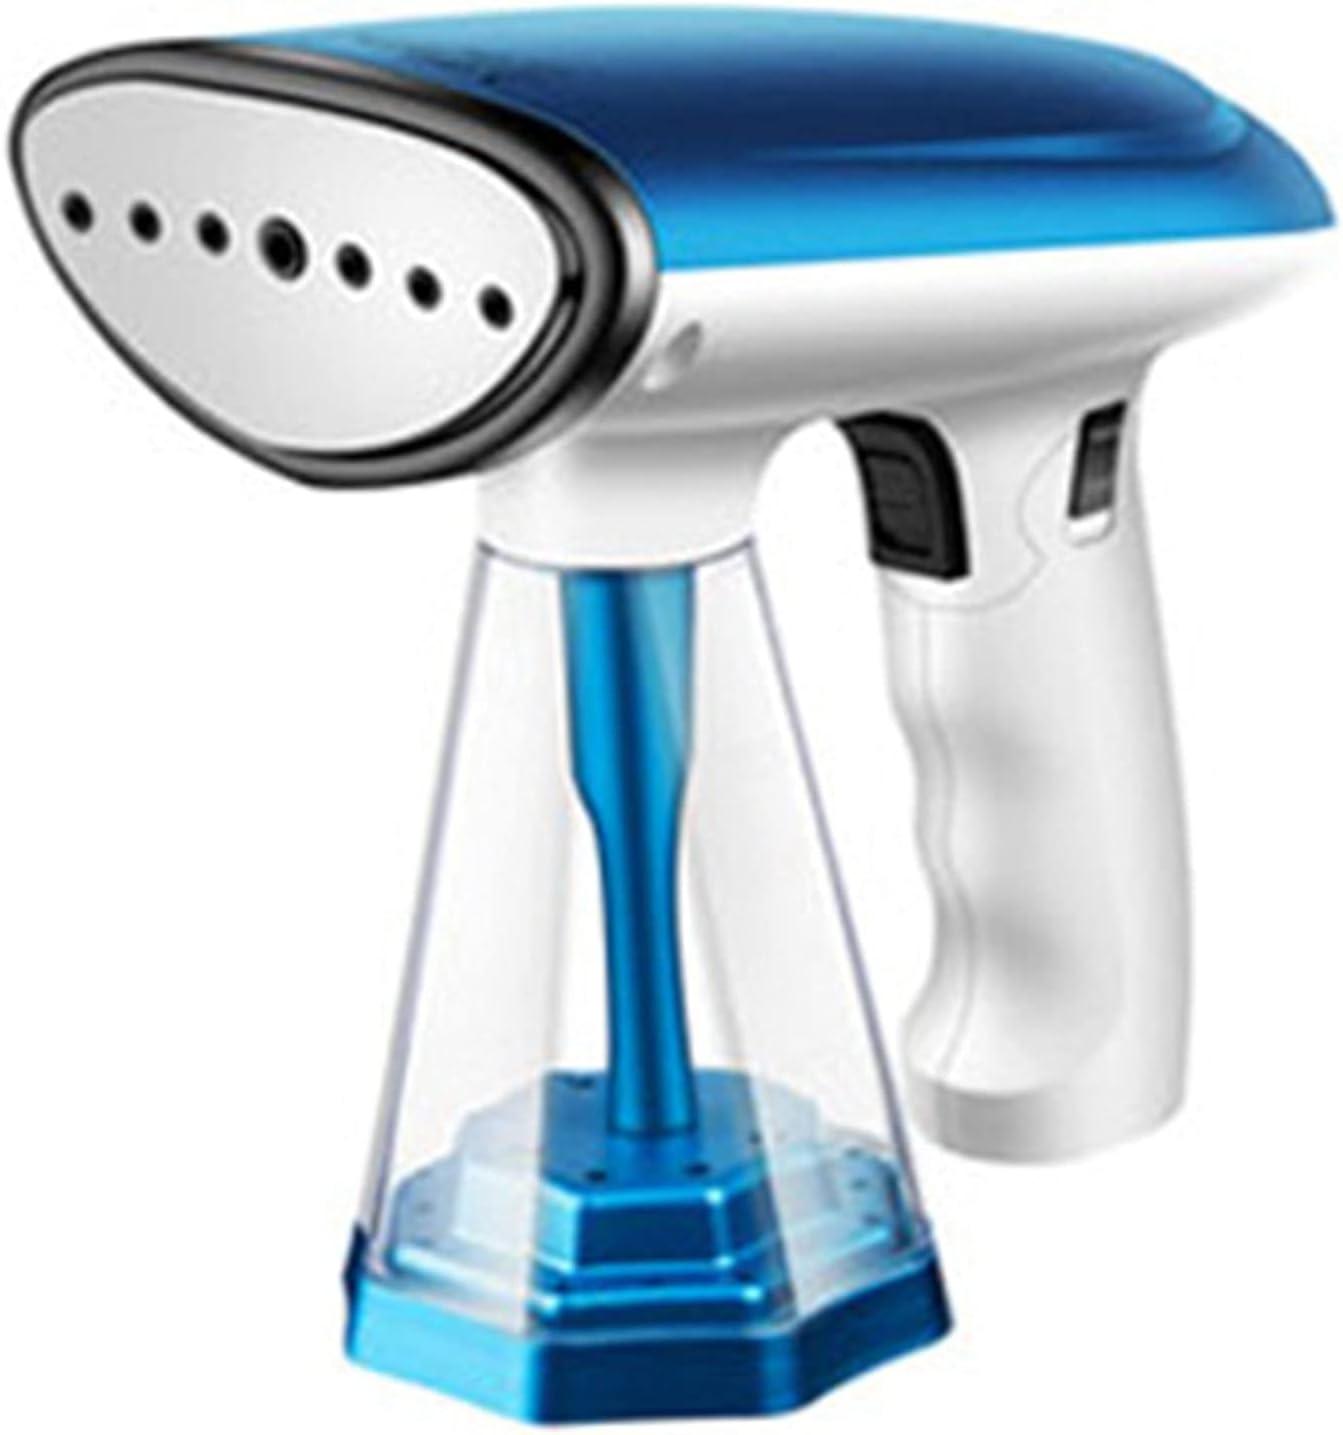 LLSL Emblor de 200 ml para Ropa, Mini Pliegue el vaporizador de Prendas de Viaje, máquina de Tela de Plancha portátil, 1500W de Alta Potencia - Prevenir quemadura Seca - para la Falda/Camiseta